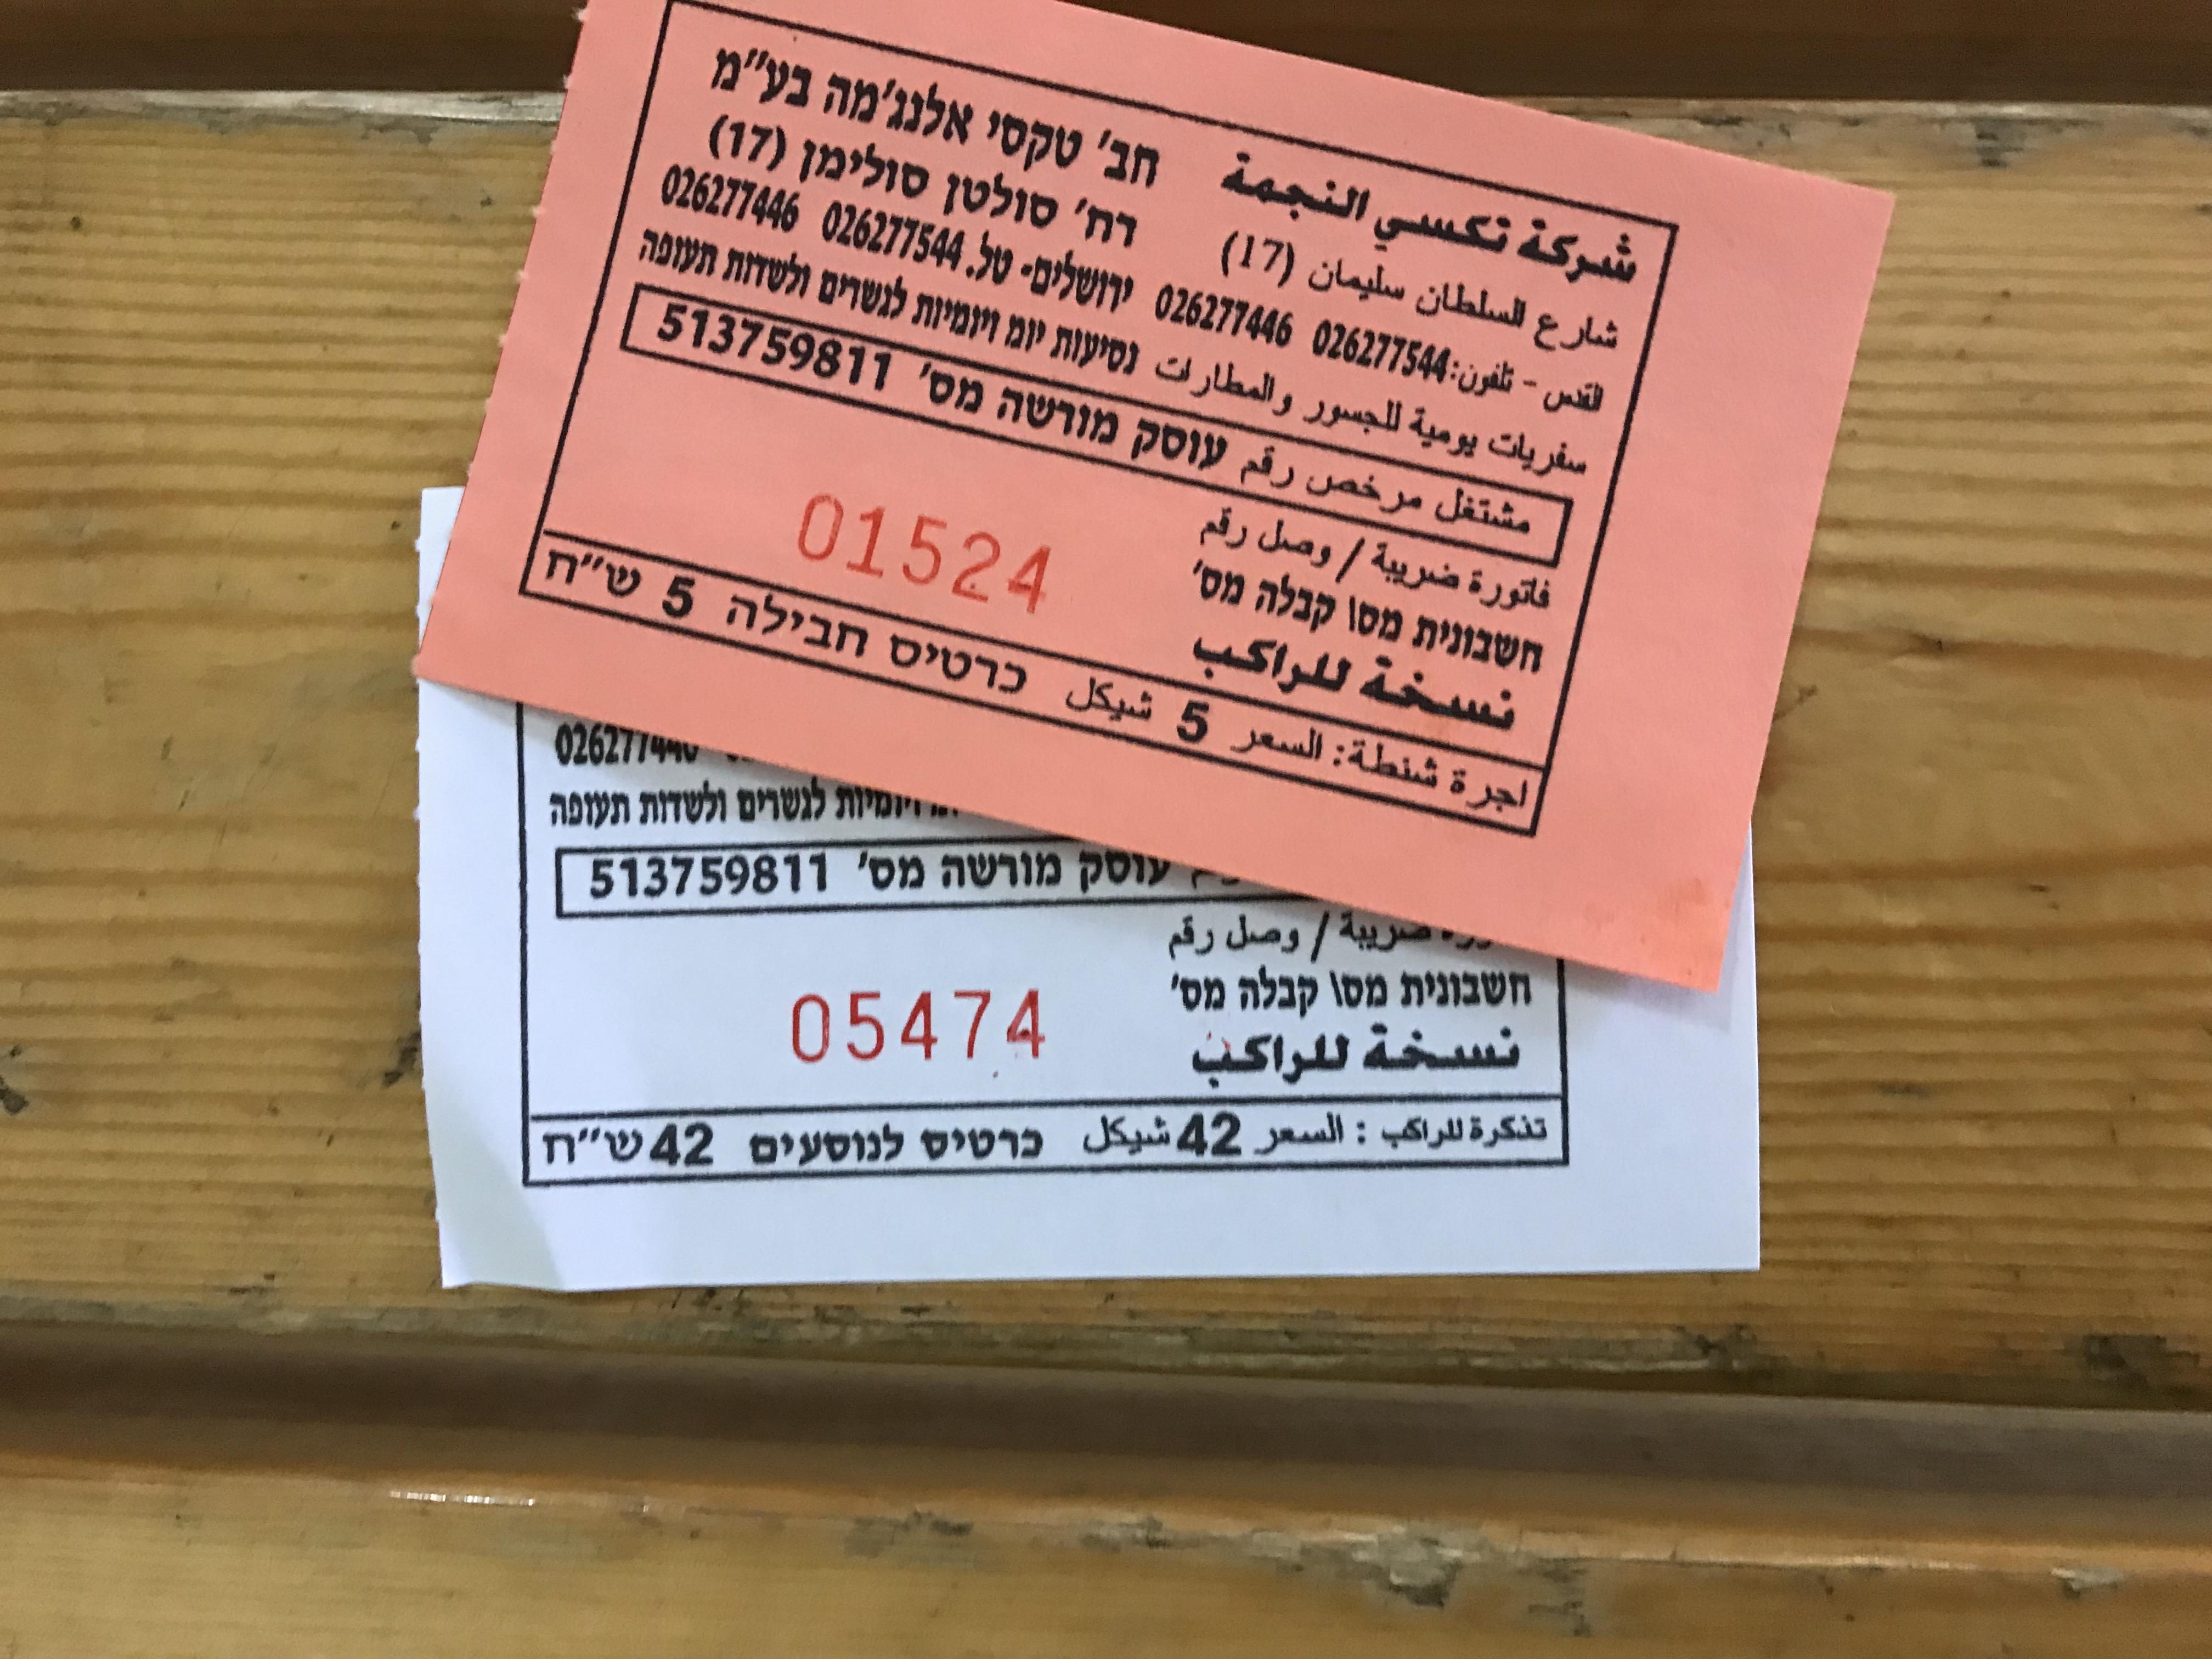 パレスチナからヨルダン移動